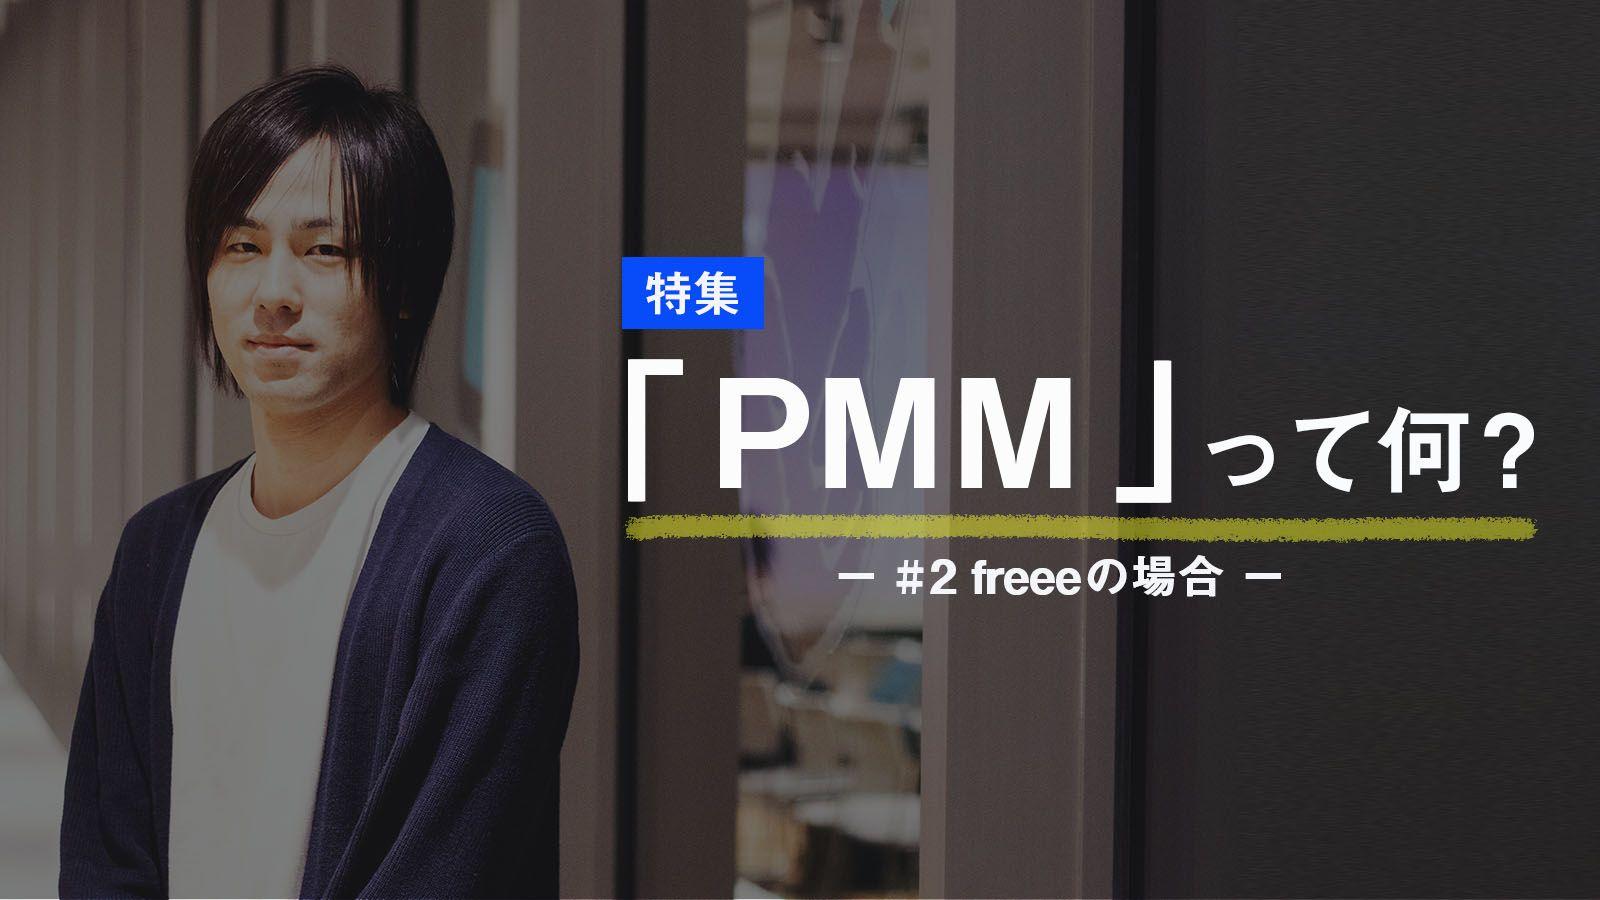 プロダクトの価値を、社内外に浸透させよ。『freee』が置くPMMの役割